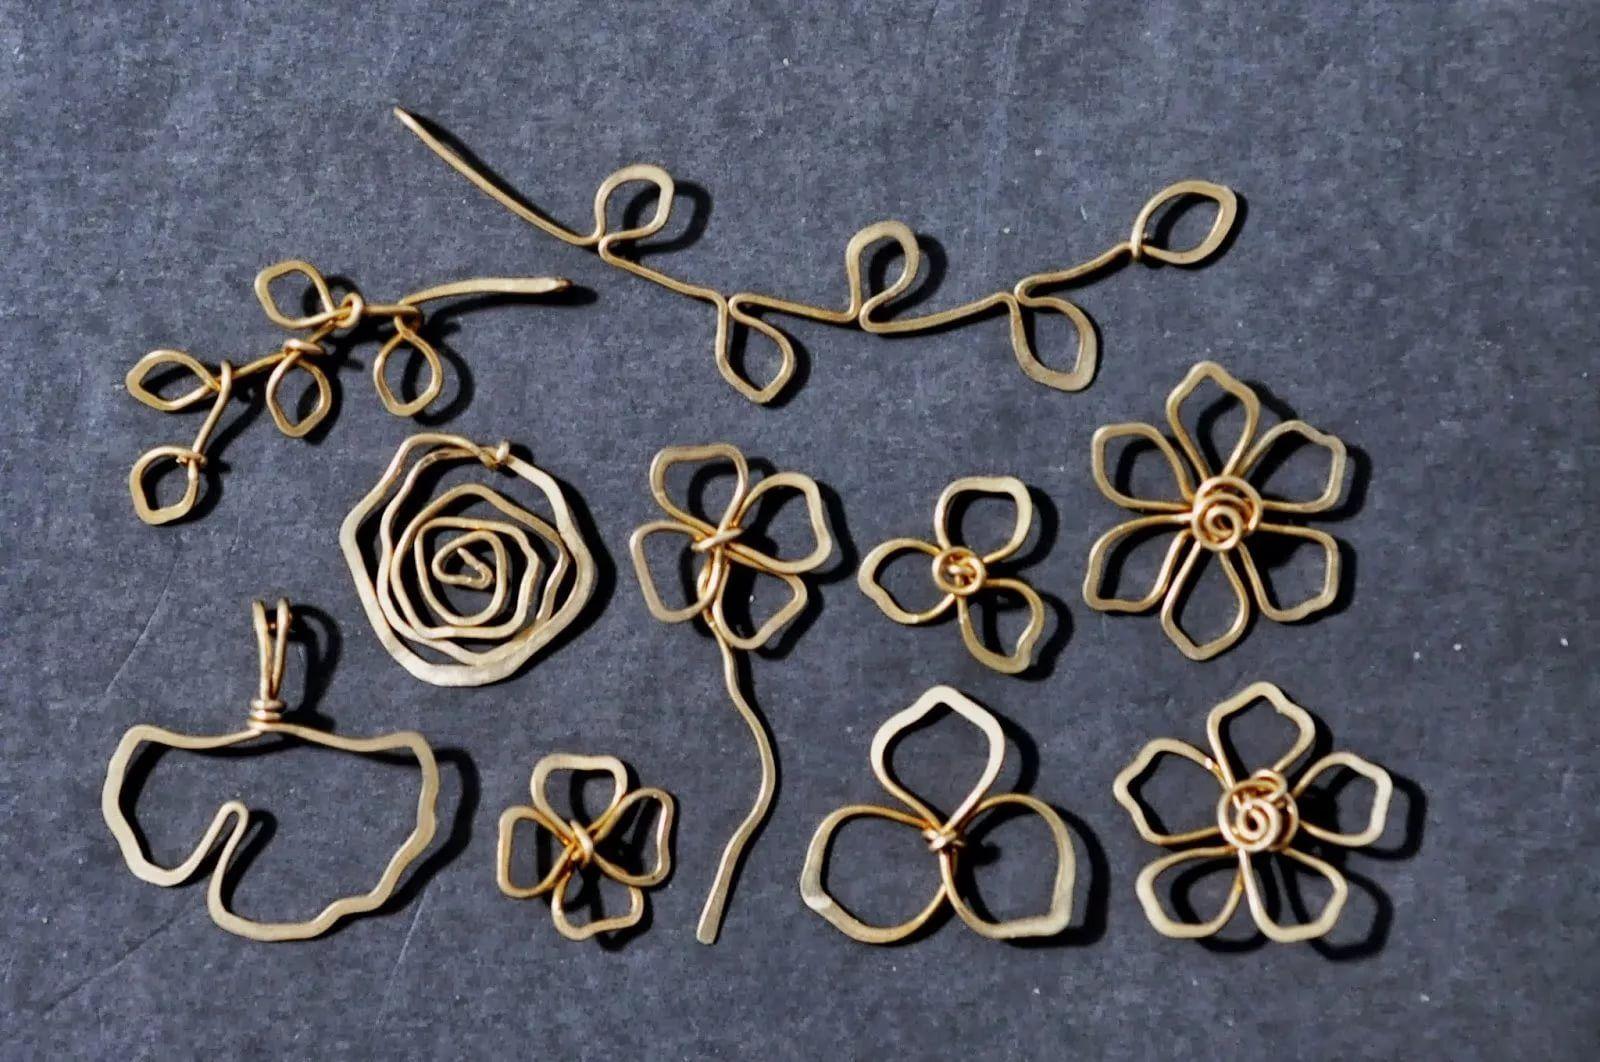 украшения из проволоки в технике wire wrap 10 тыс